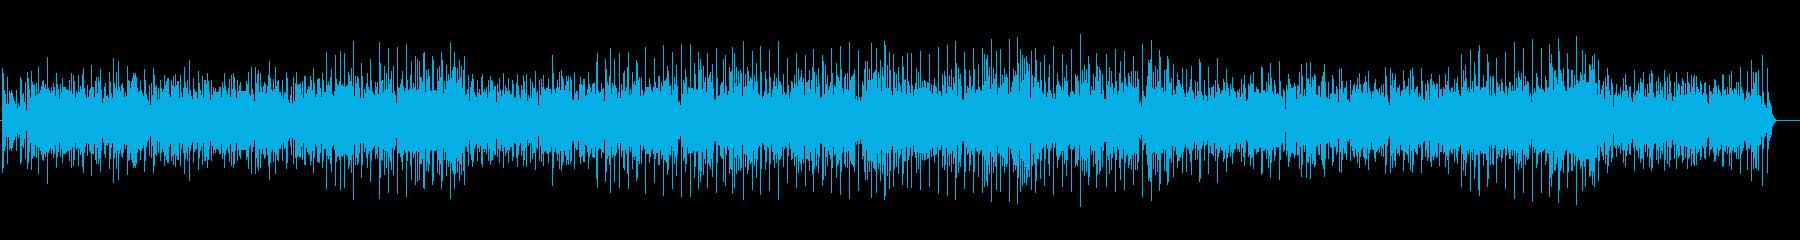 ポップでかわいい雰囲気のBGM|映像制作の再生済みの波形